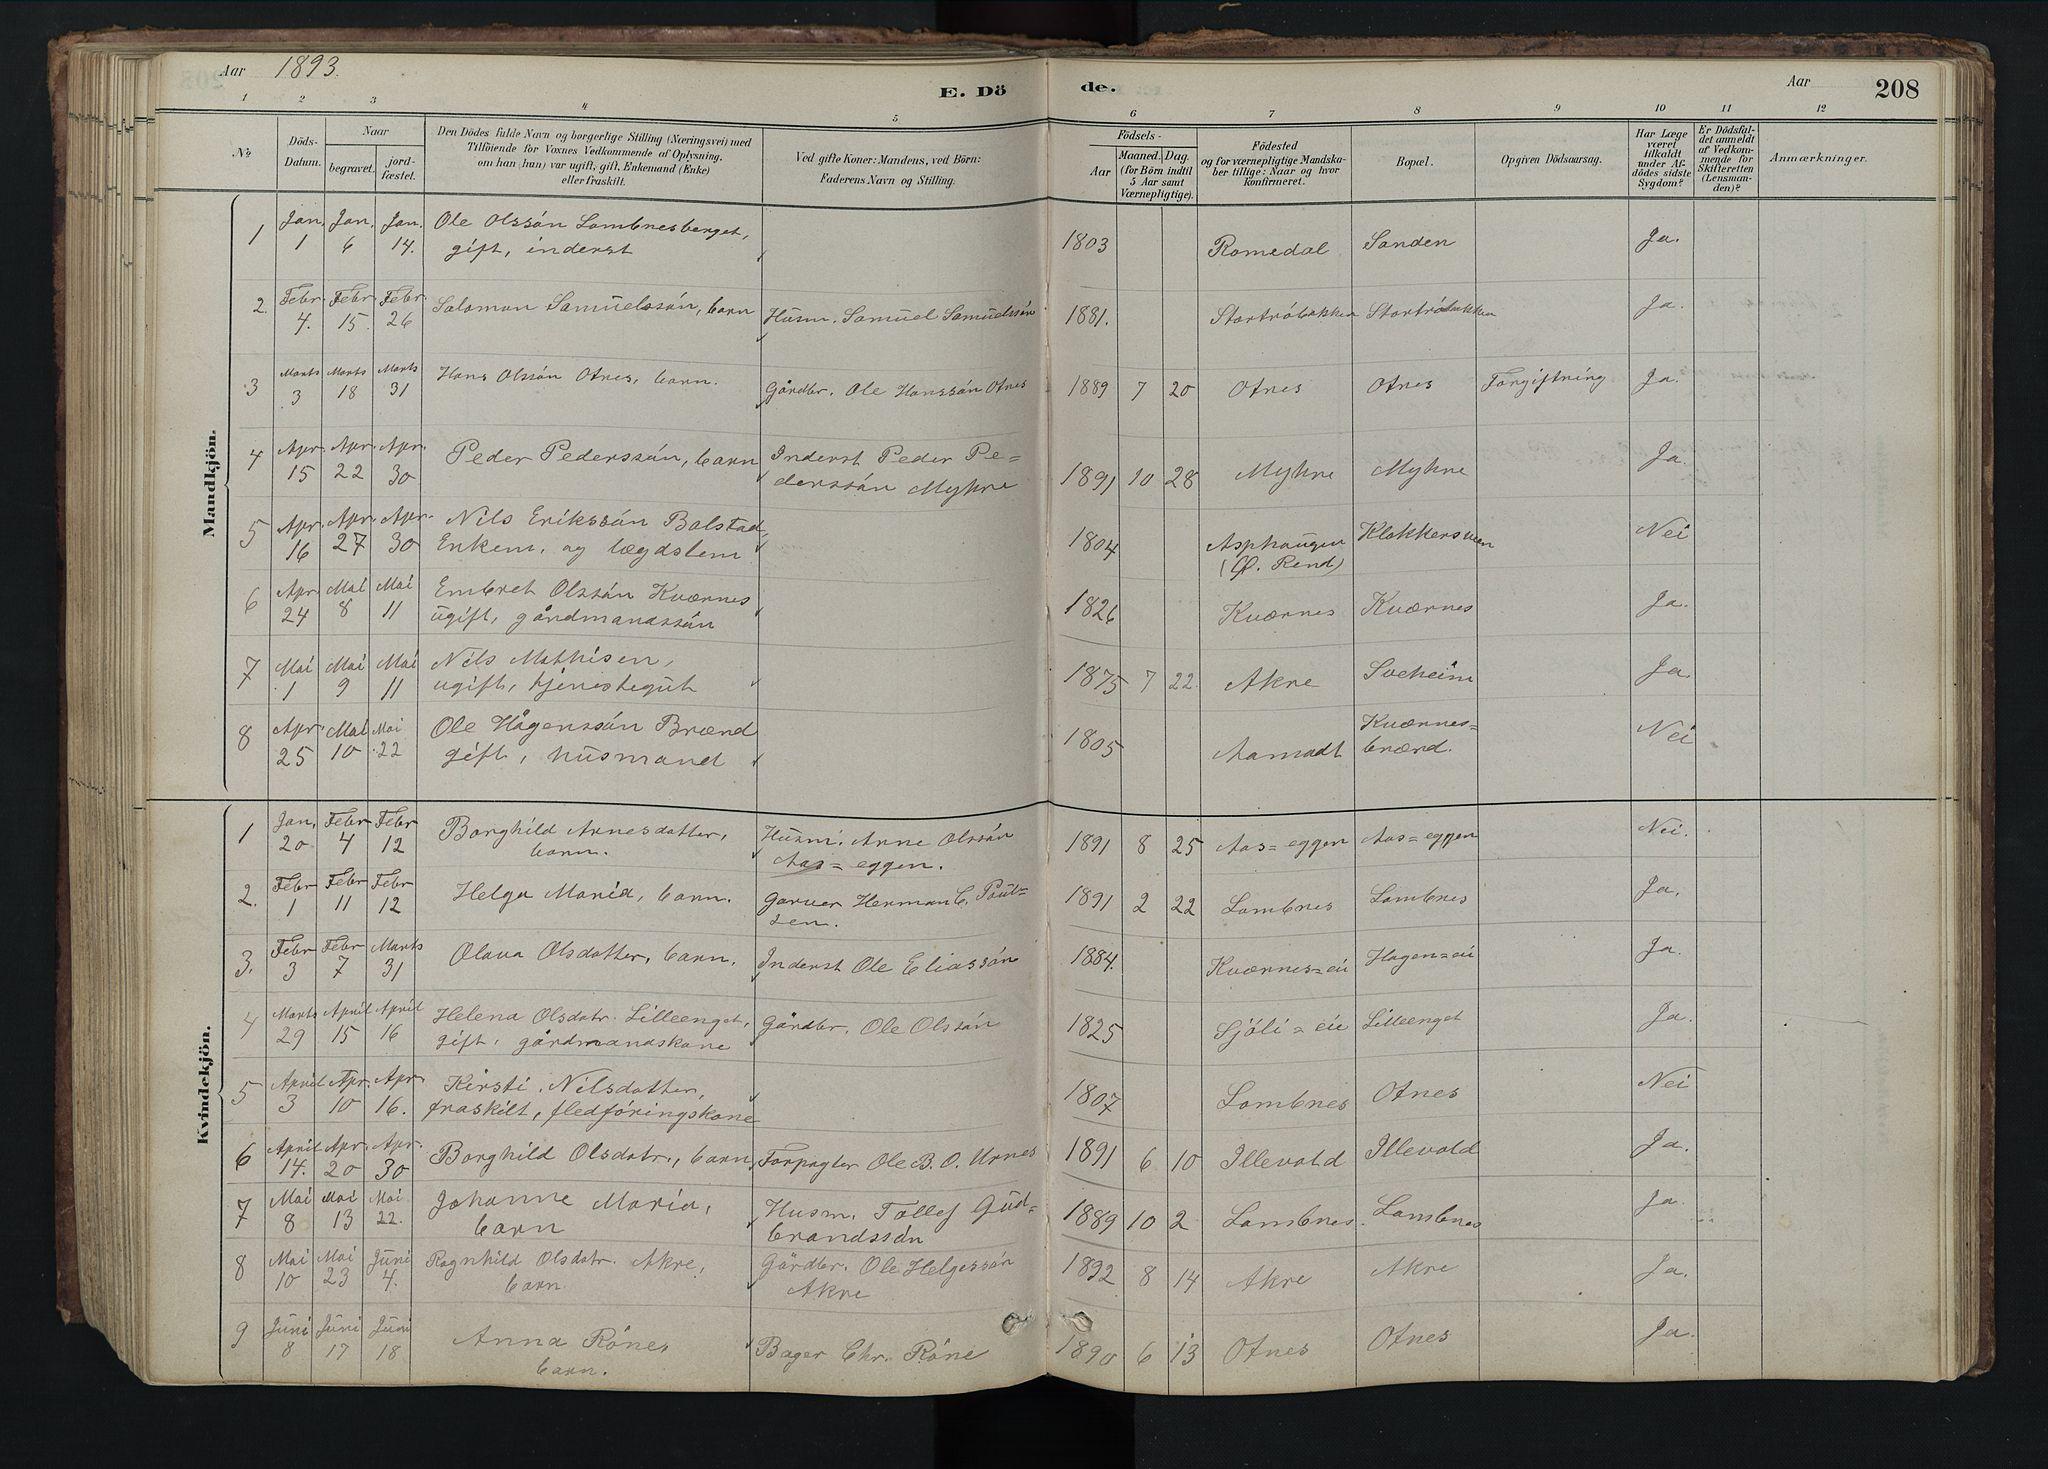 SAH, Rendalen prestekontor, H/Ha/Hab/L0009: Klokkerbok nr. 9, 1879-1902, s. 208